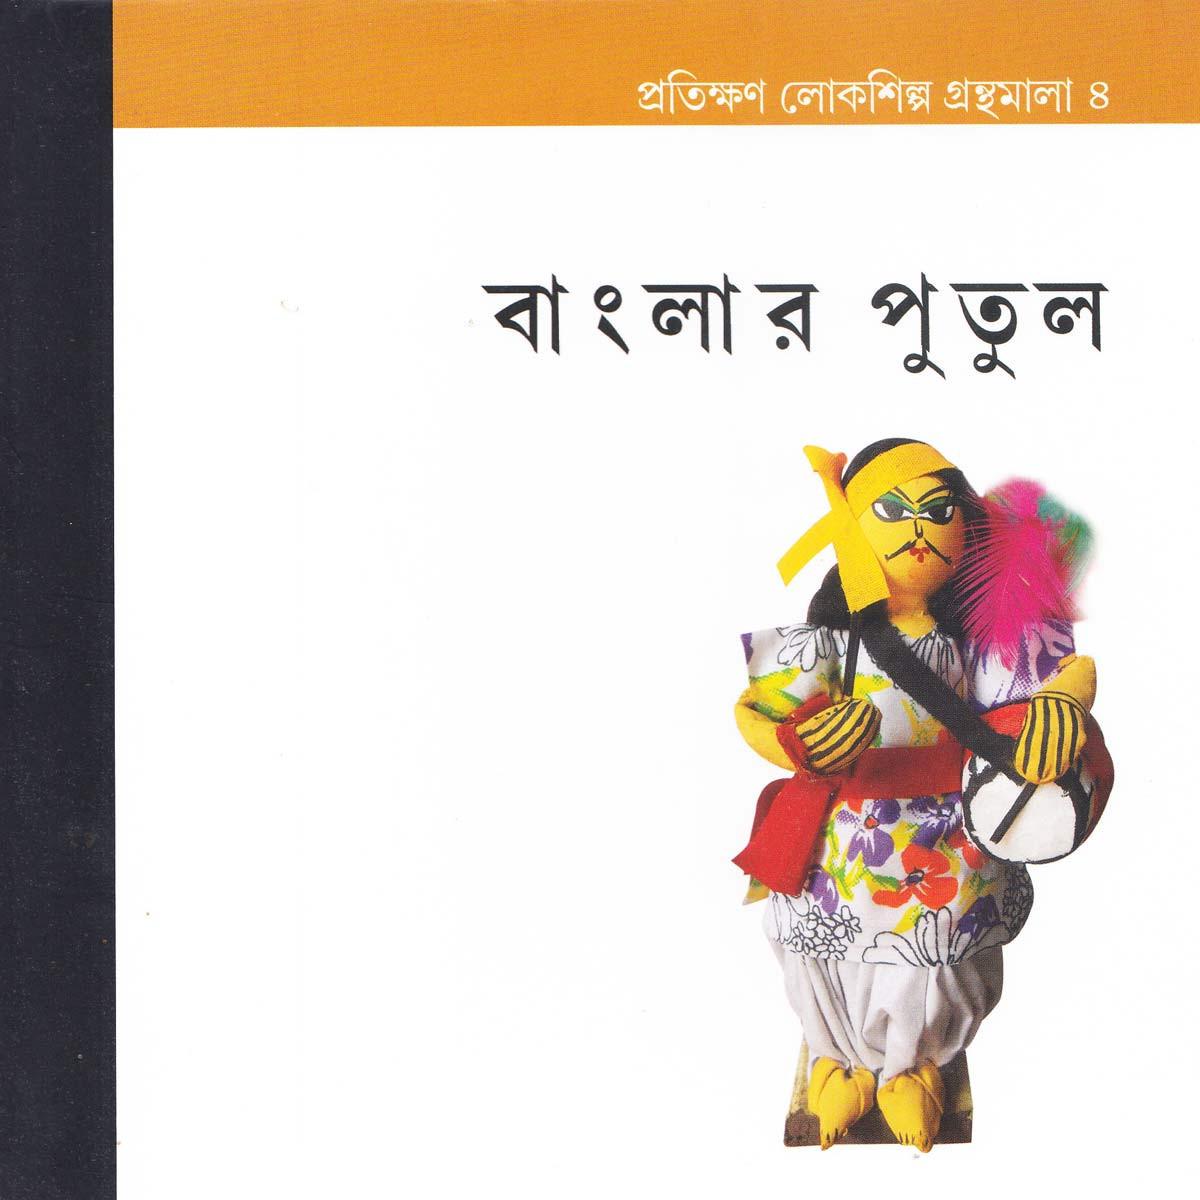 Banglar Putul/বাংলার পুতুল